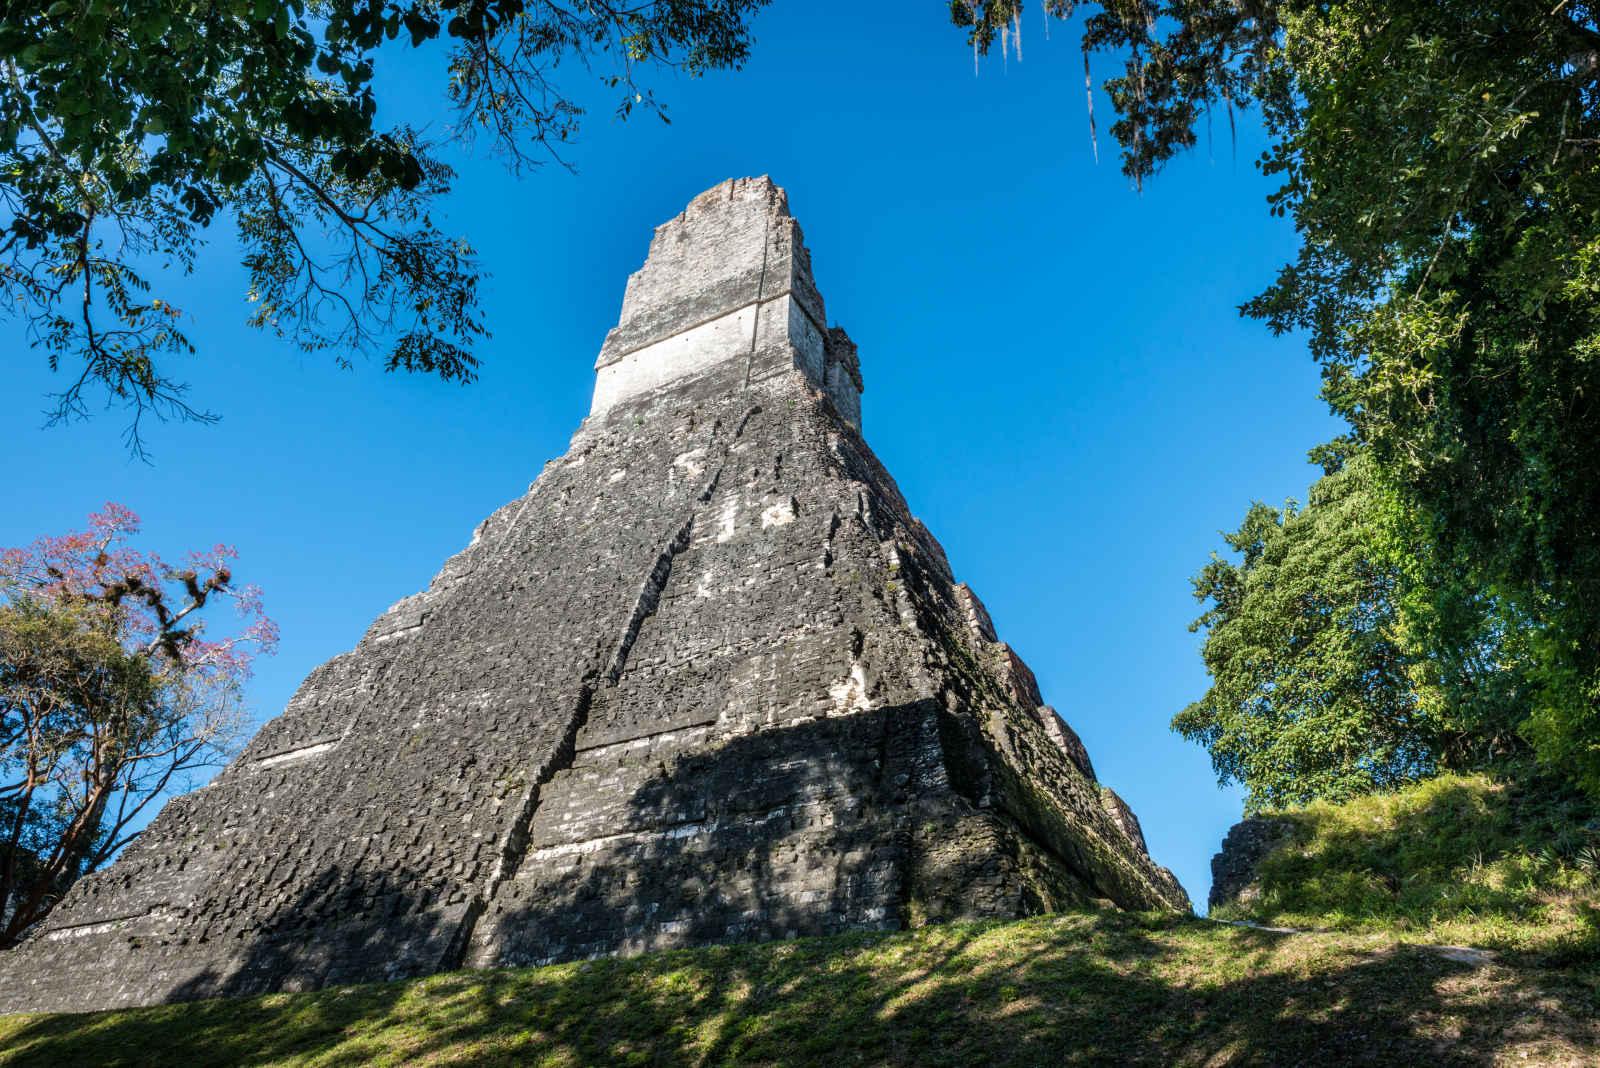 Guatemala : Mayas d'hier et d'aujourd'hui